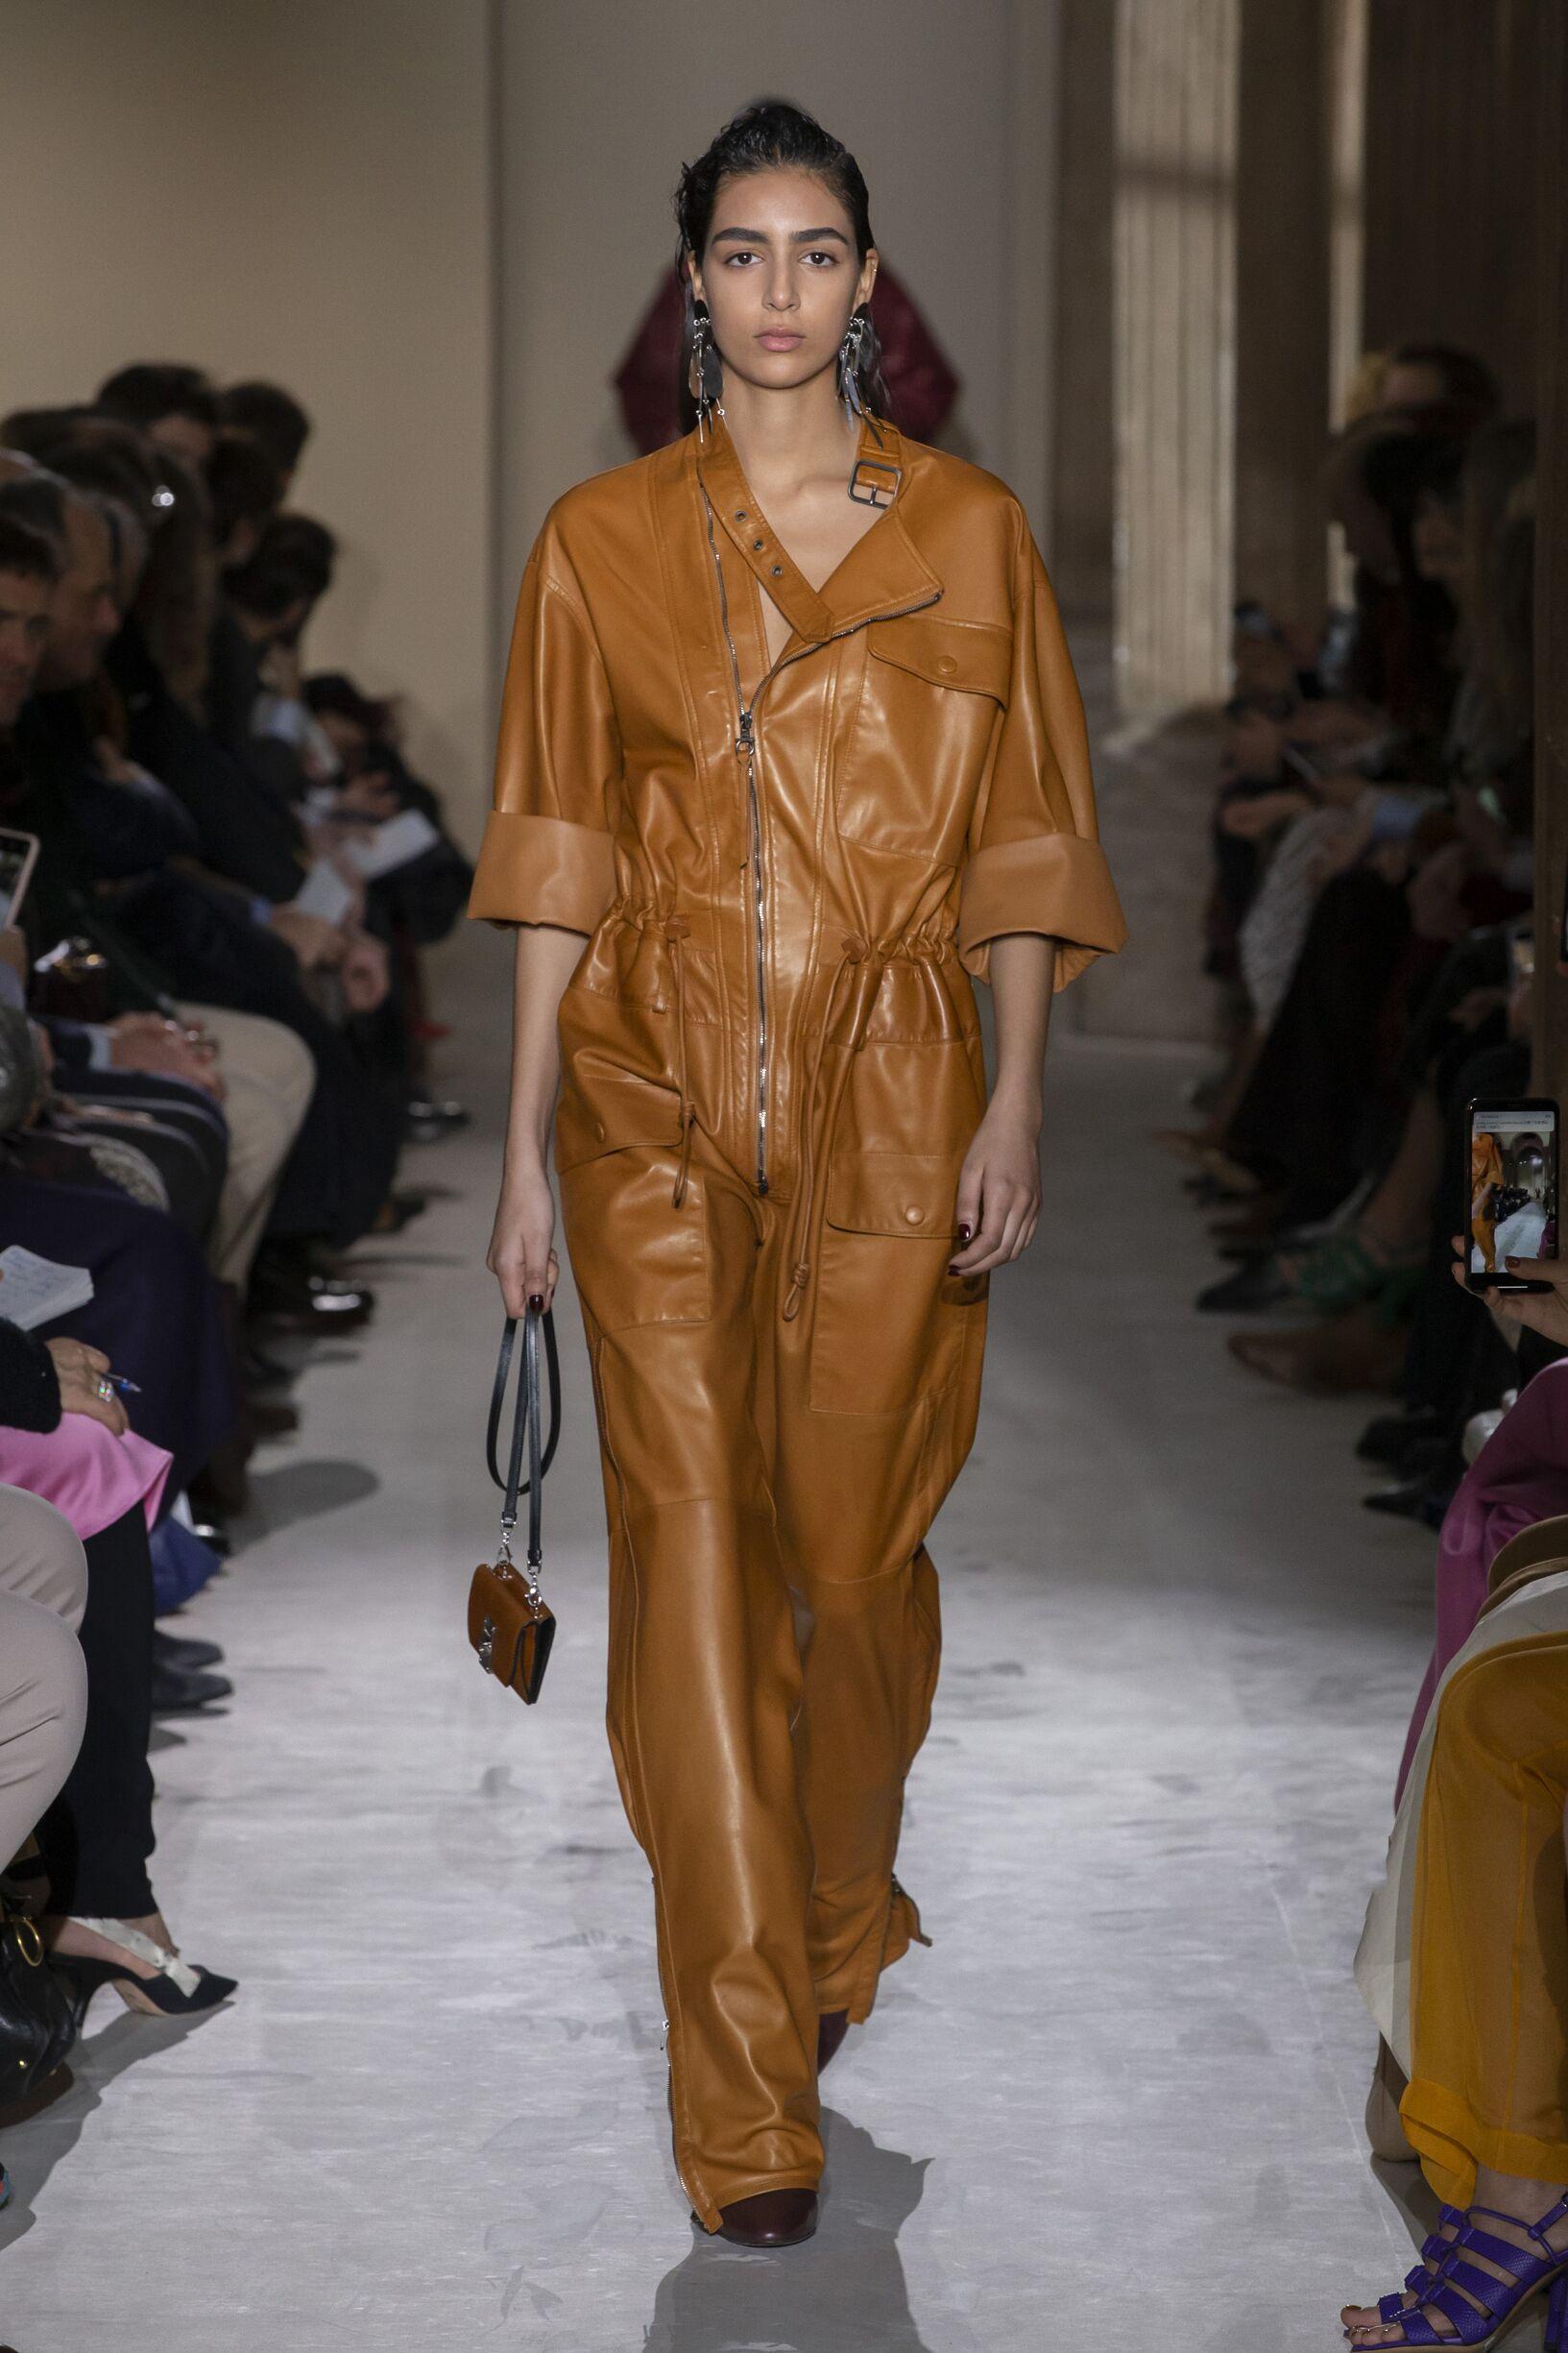 Fashion Show Woman Model Salvatore Ferragamo Catwalk